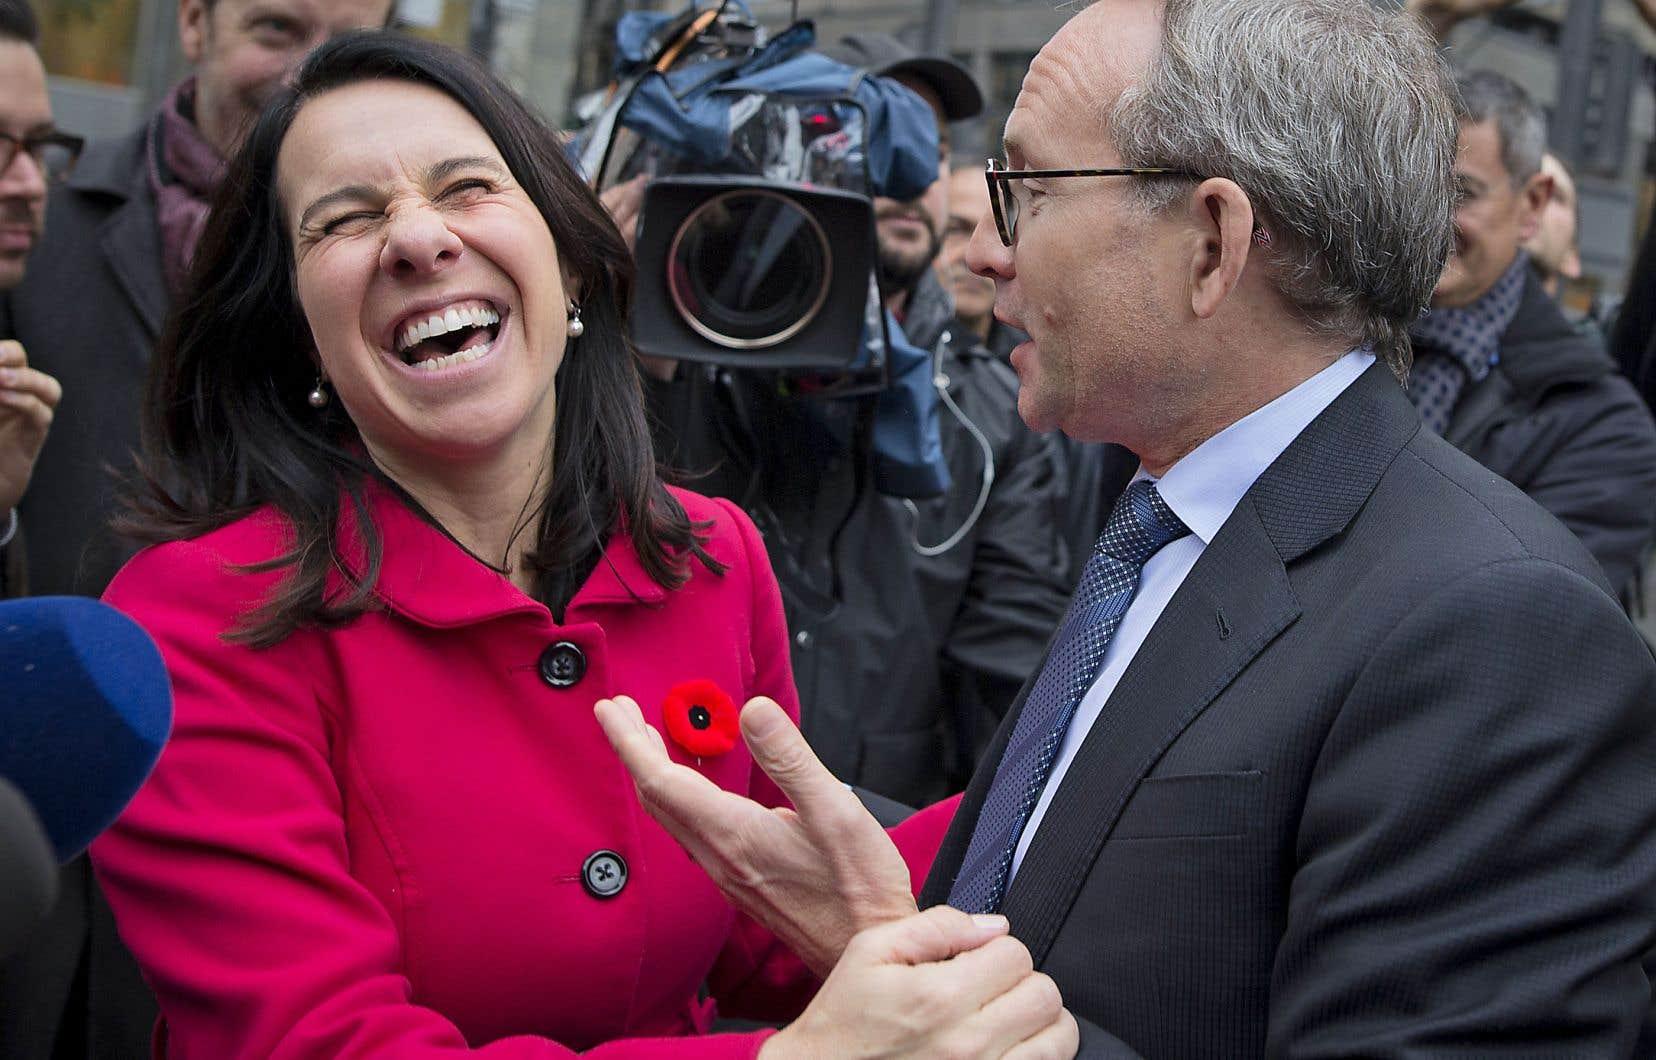 Lundi matin, la nouvelle mairesse de Montréal, Valérie Plante, était dans la rue pour remercier les électeurs. Le ministre des Affaires municipales, Martin Coiteux, est allé à sa rencontre pour lui réitérer ses félicitations.